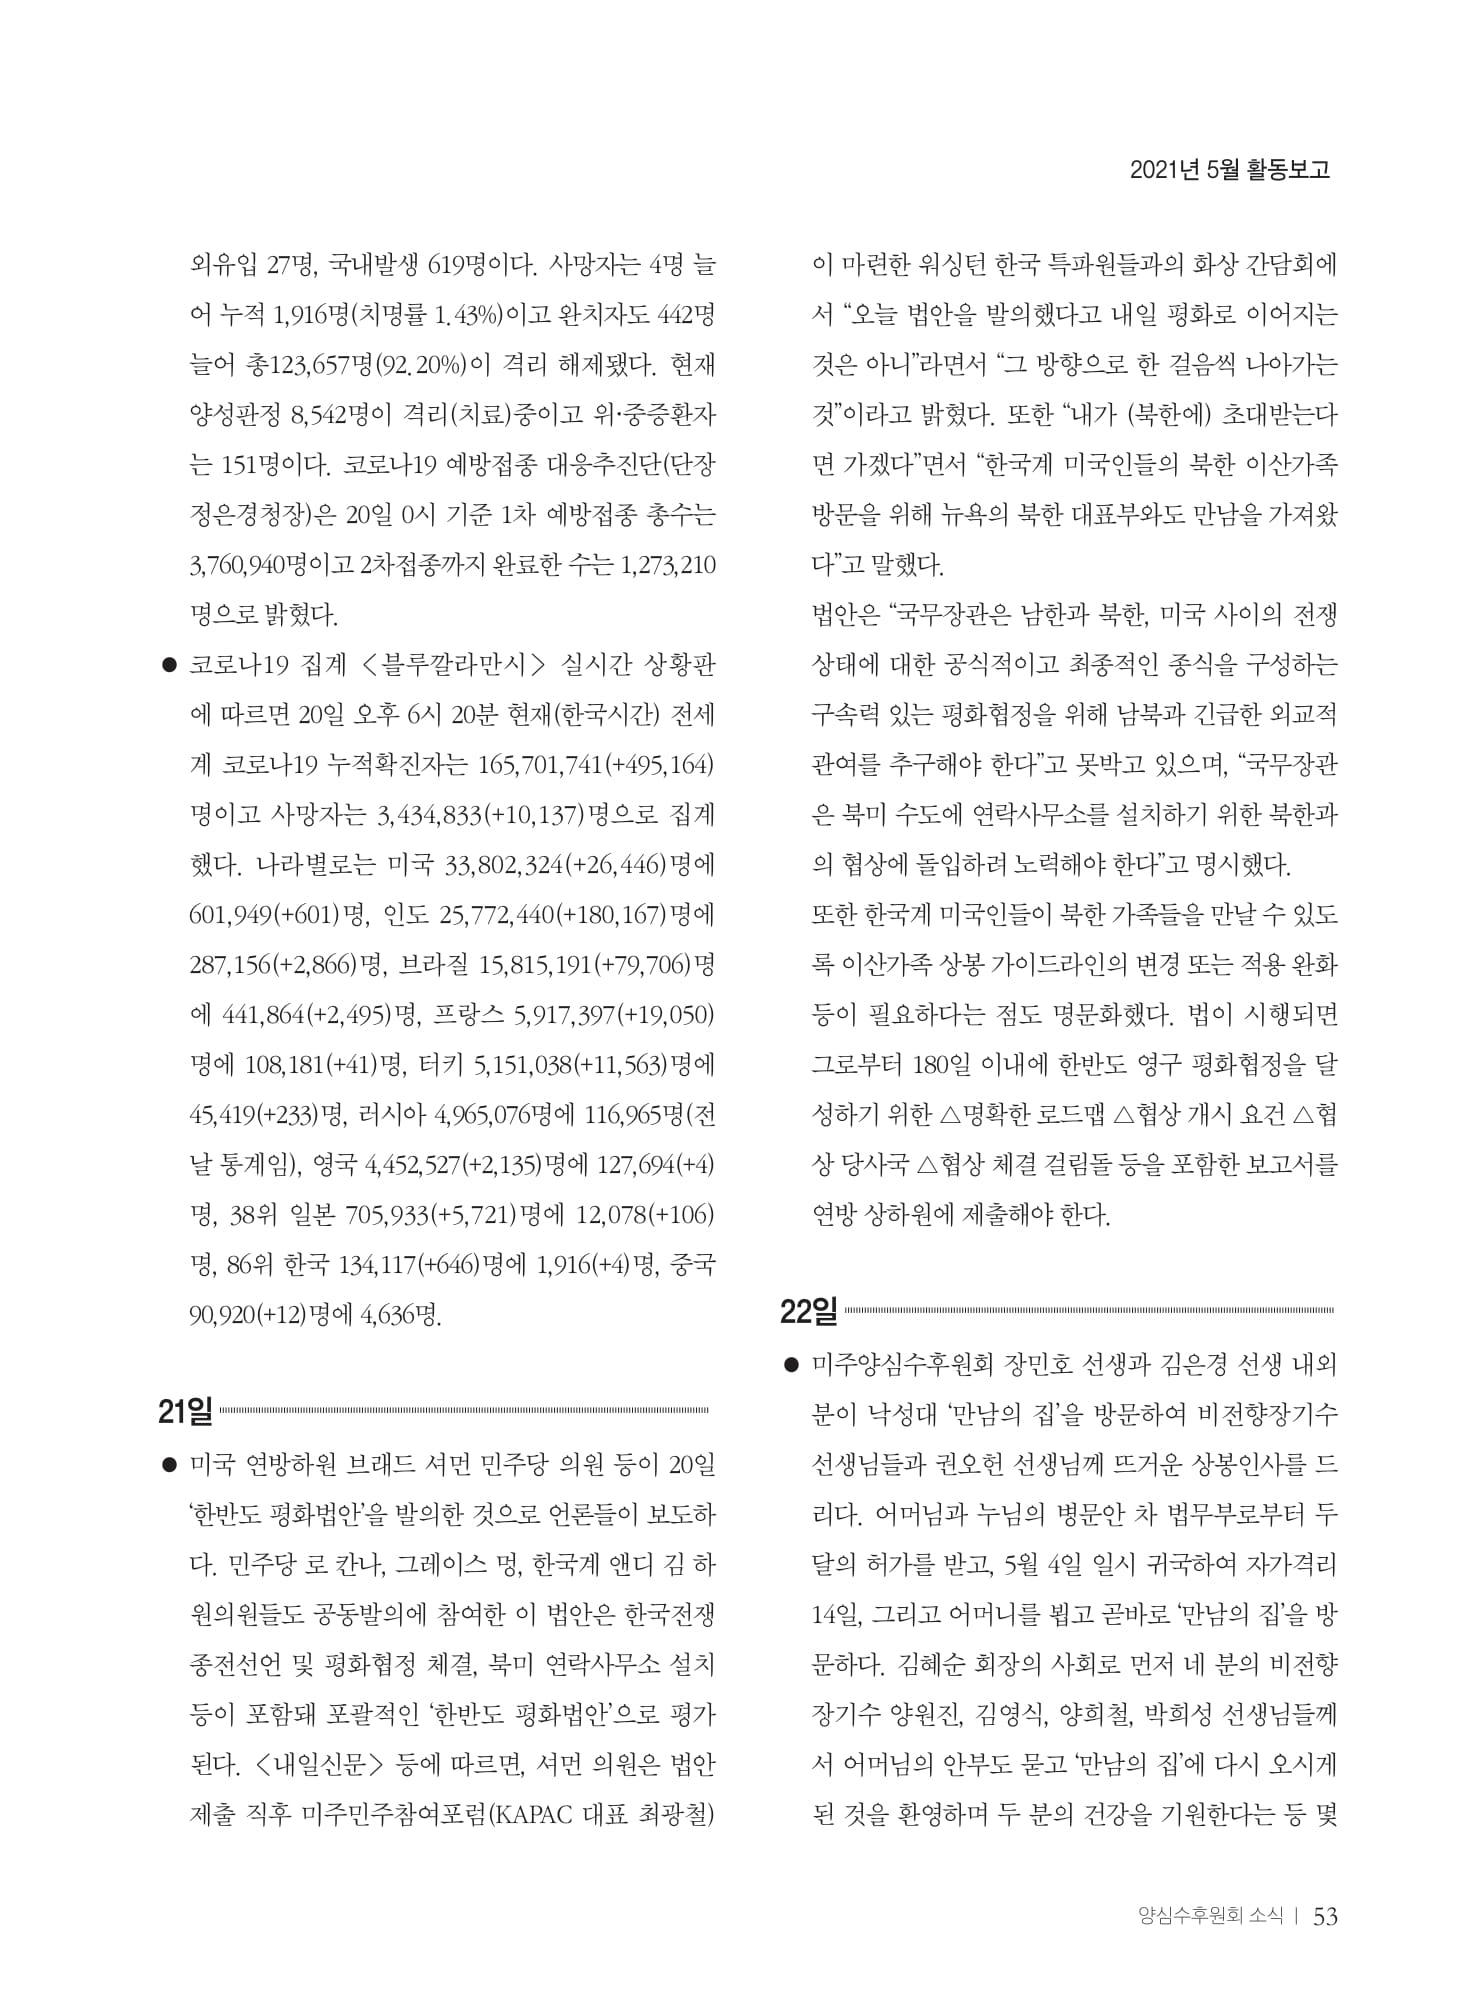 [양심수후원회] 소식지 354호 web 수정-55.jpg